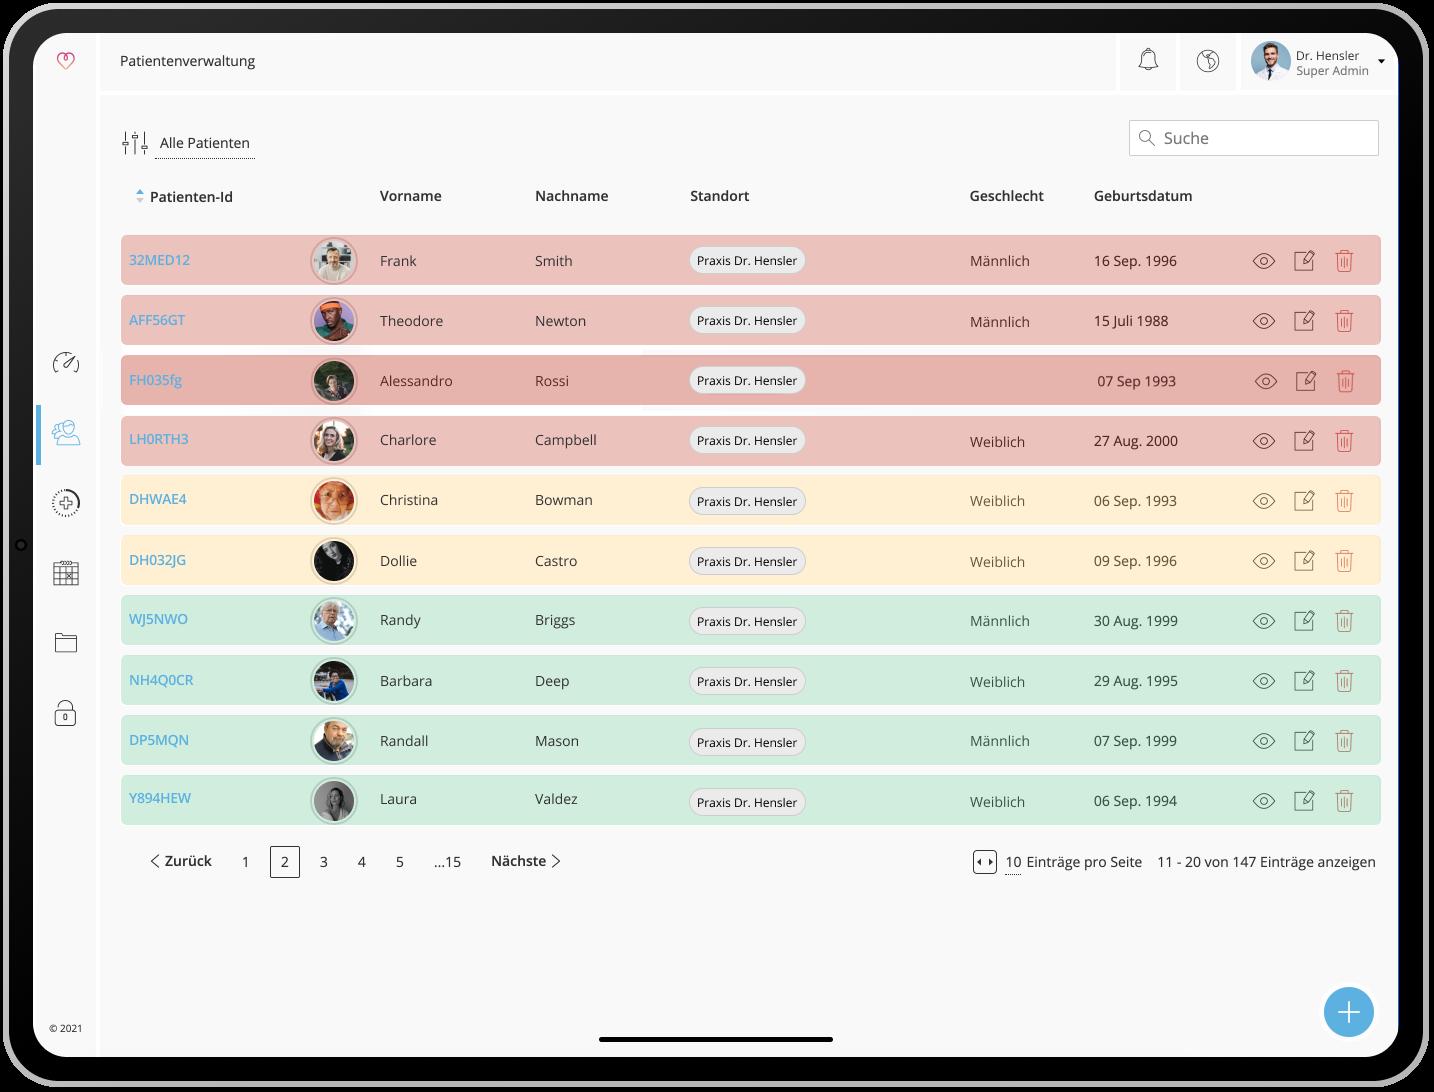 Ein iPad, das die myoncare Web App mit der Patientenübersicht zeigt